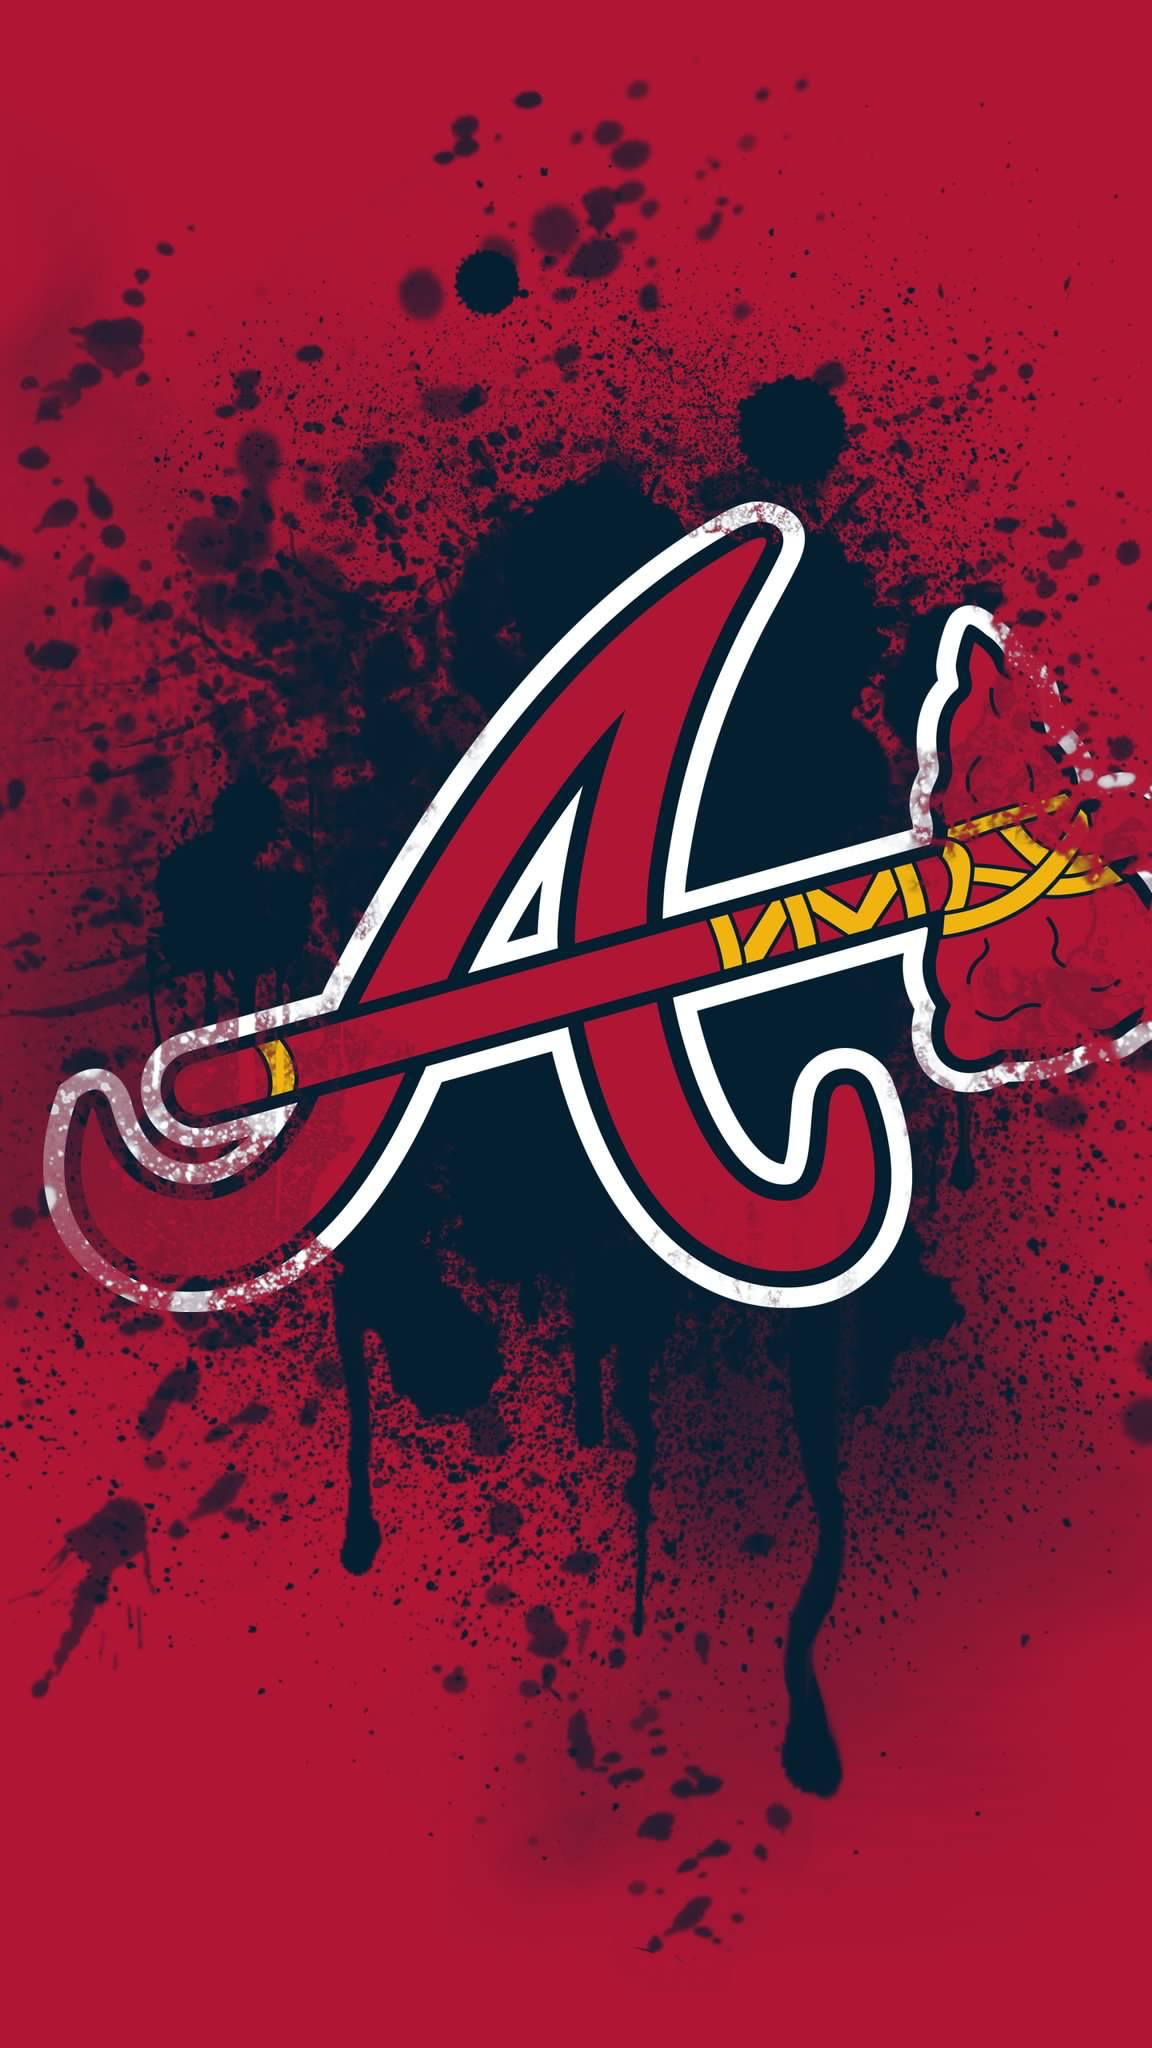 Pin By Jeanne Loves Horror On Atlanta Braves Atlanta Braves Wallpaper Atlanta Braves Logo Brave Wallpaper